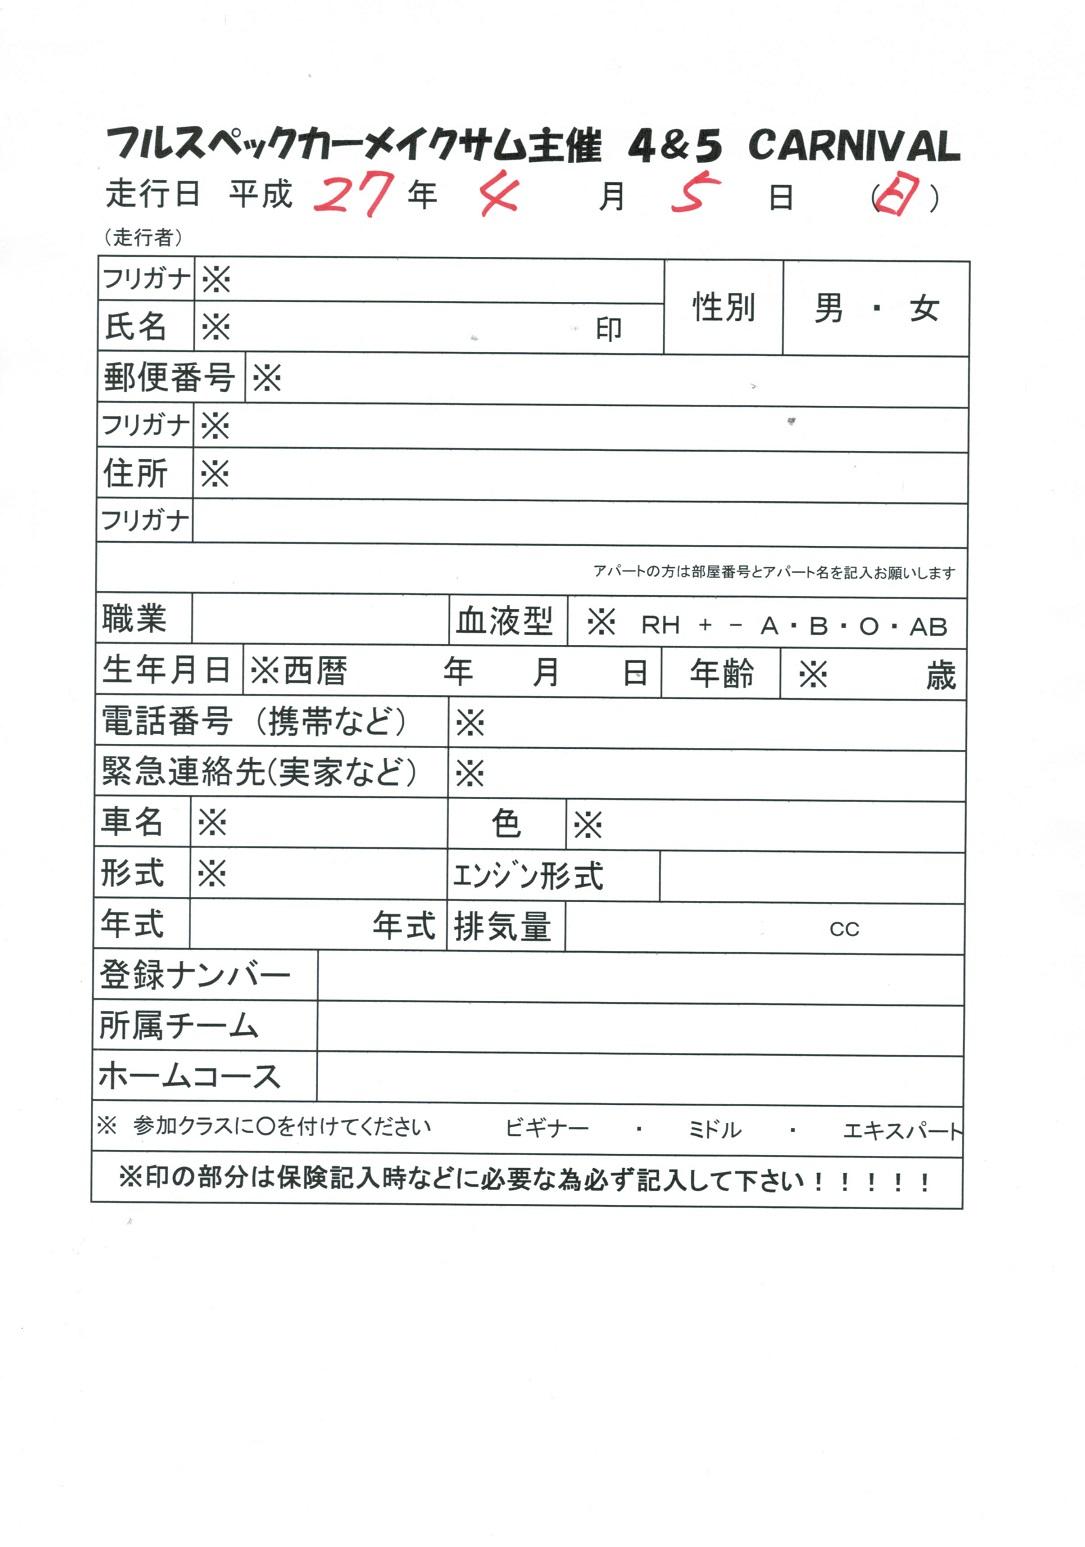 CCI20150225_00003.jpg